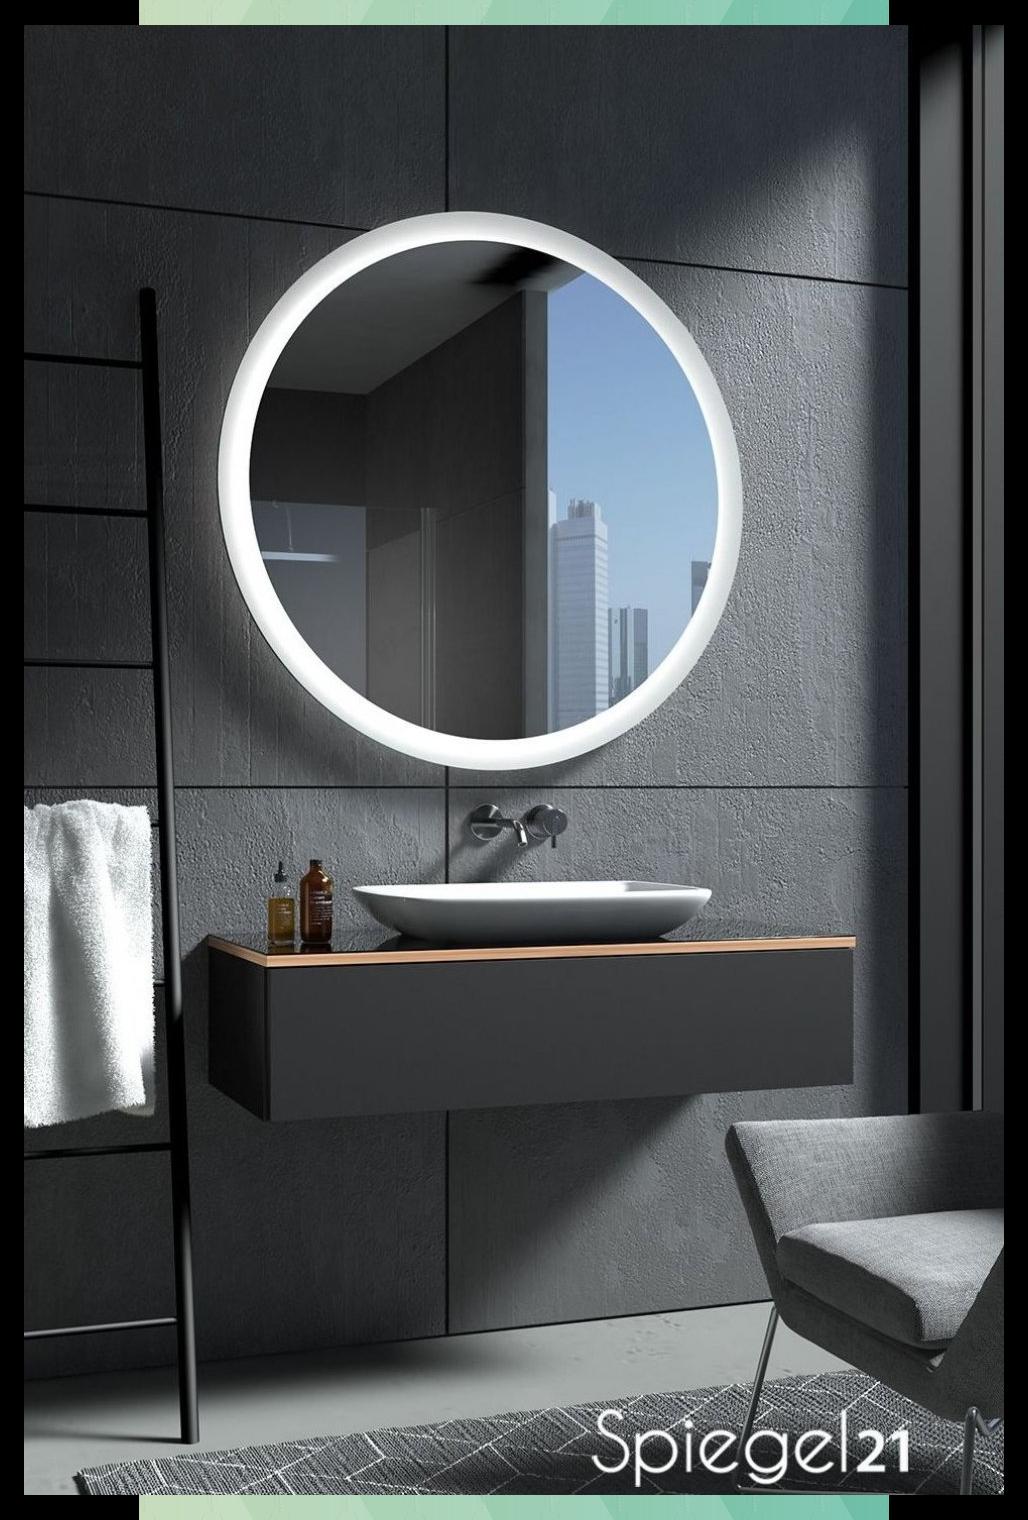 Runder Spiegel Mit Beleuchtung Charon In 2020 Round Mirror Bathroom Mirror Bathroom Mirror